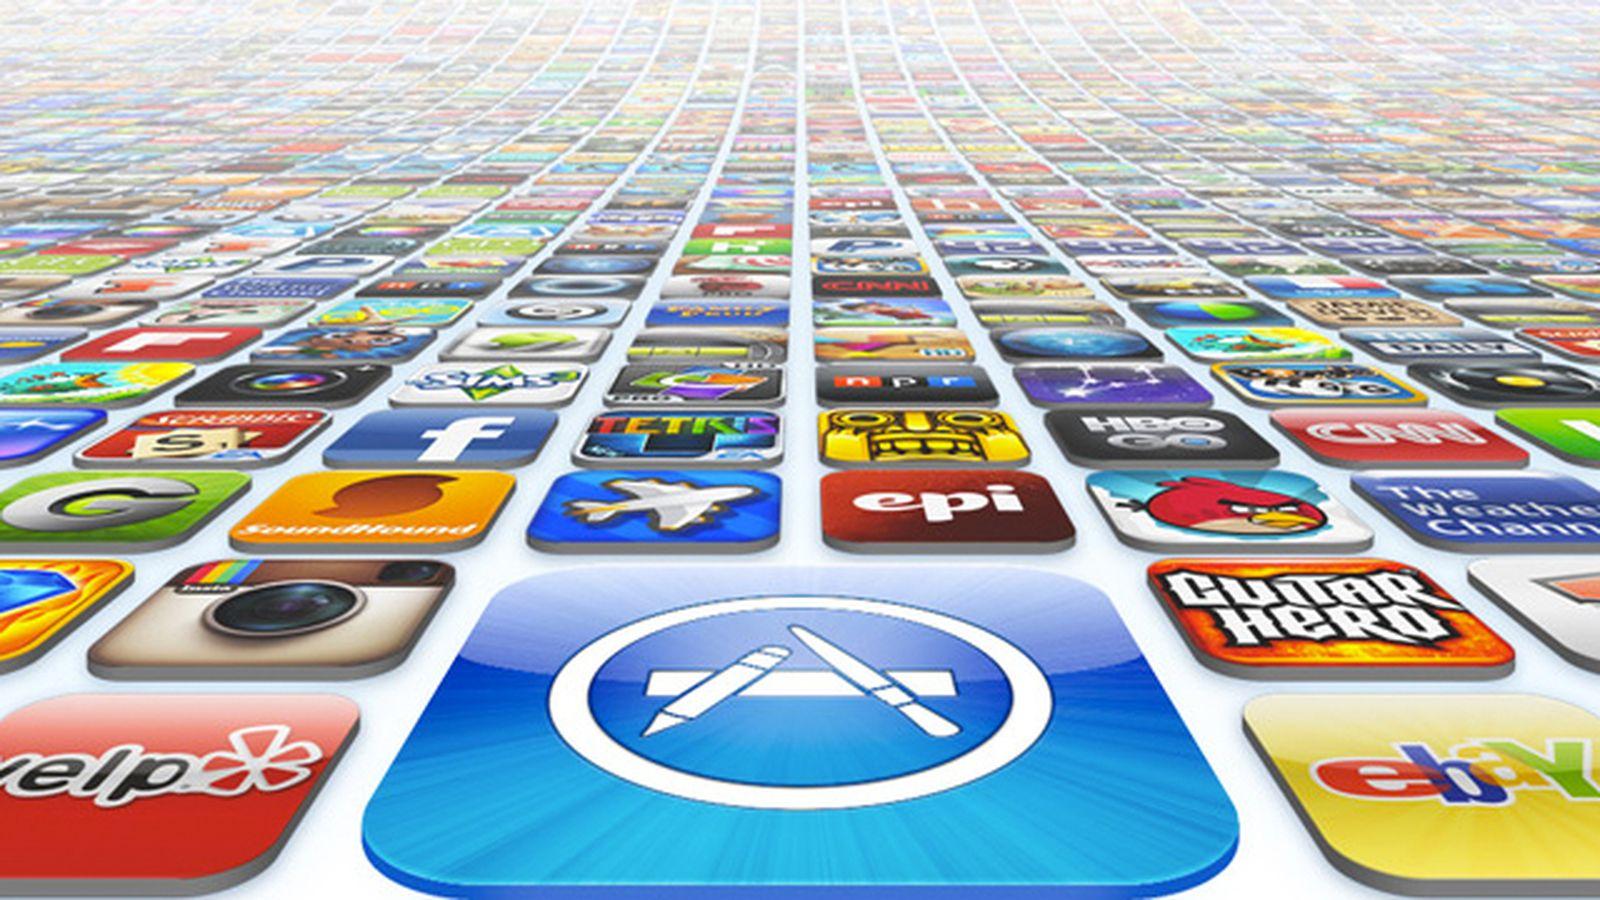 Пользователи iOS и OS X по всему миру отмечают сбои в работе iTunes и App Store